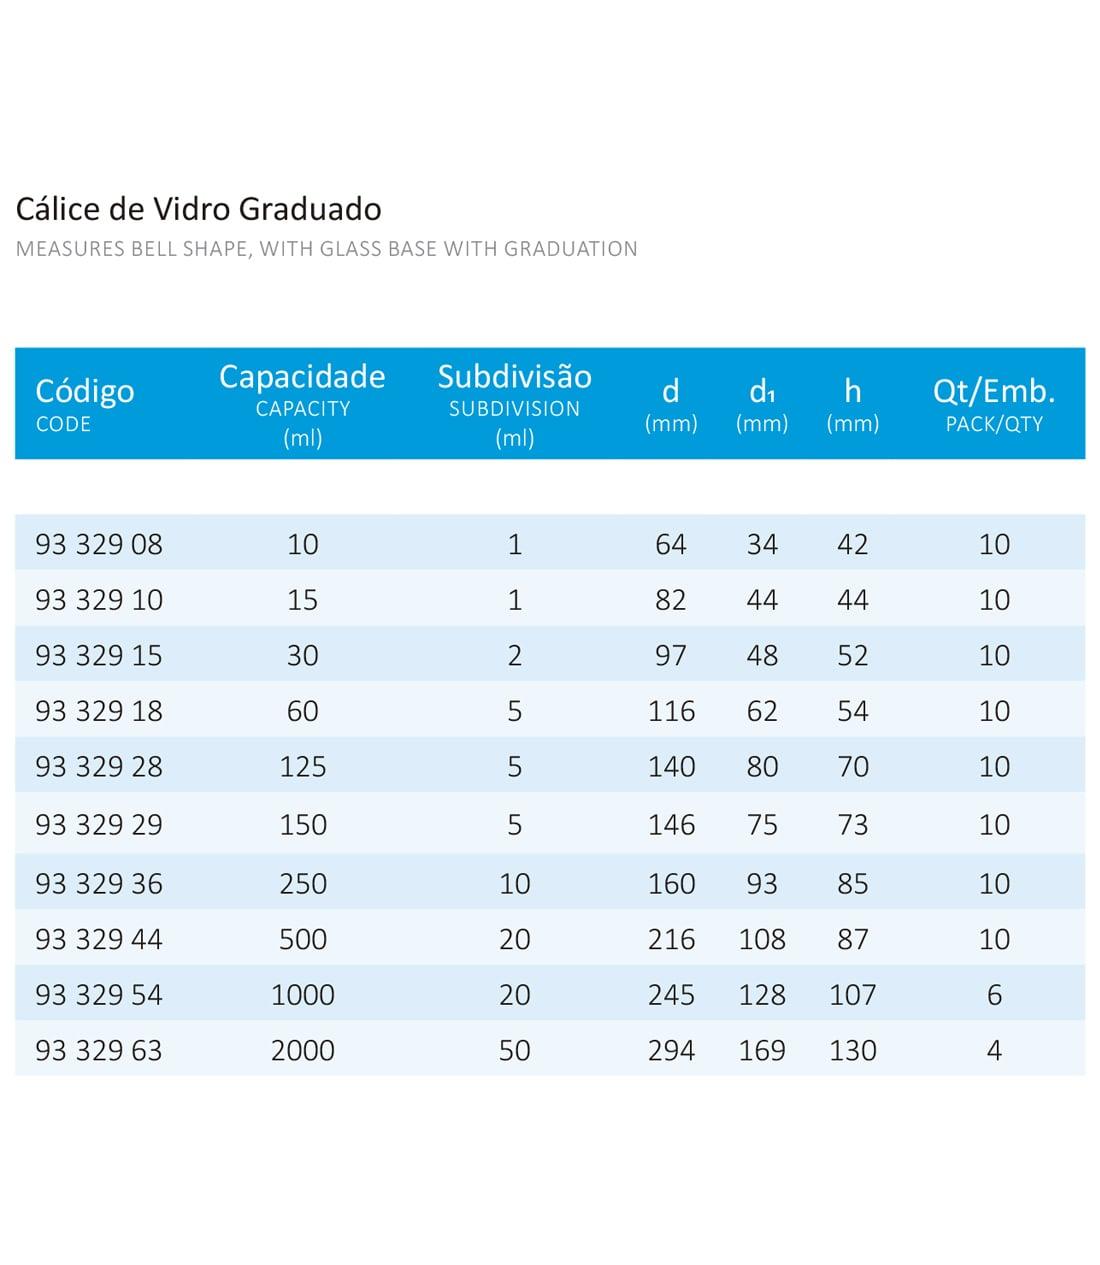 CALICE DE VIDRO GRADUADO 30 ML 2/1 - Laborglas - Cód. 9332915